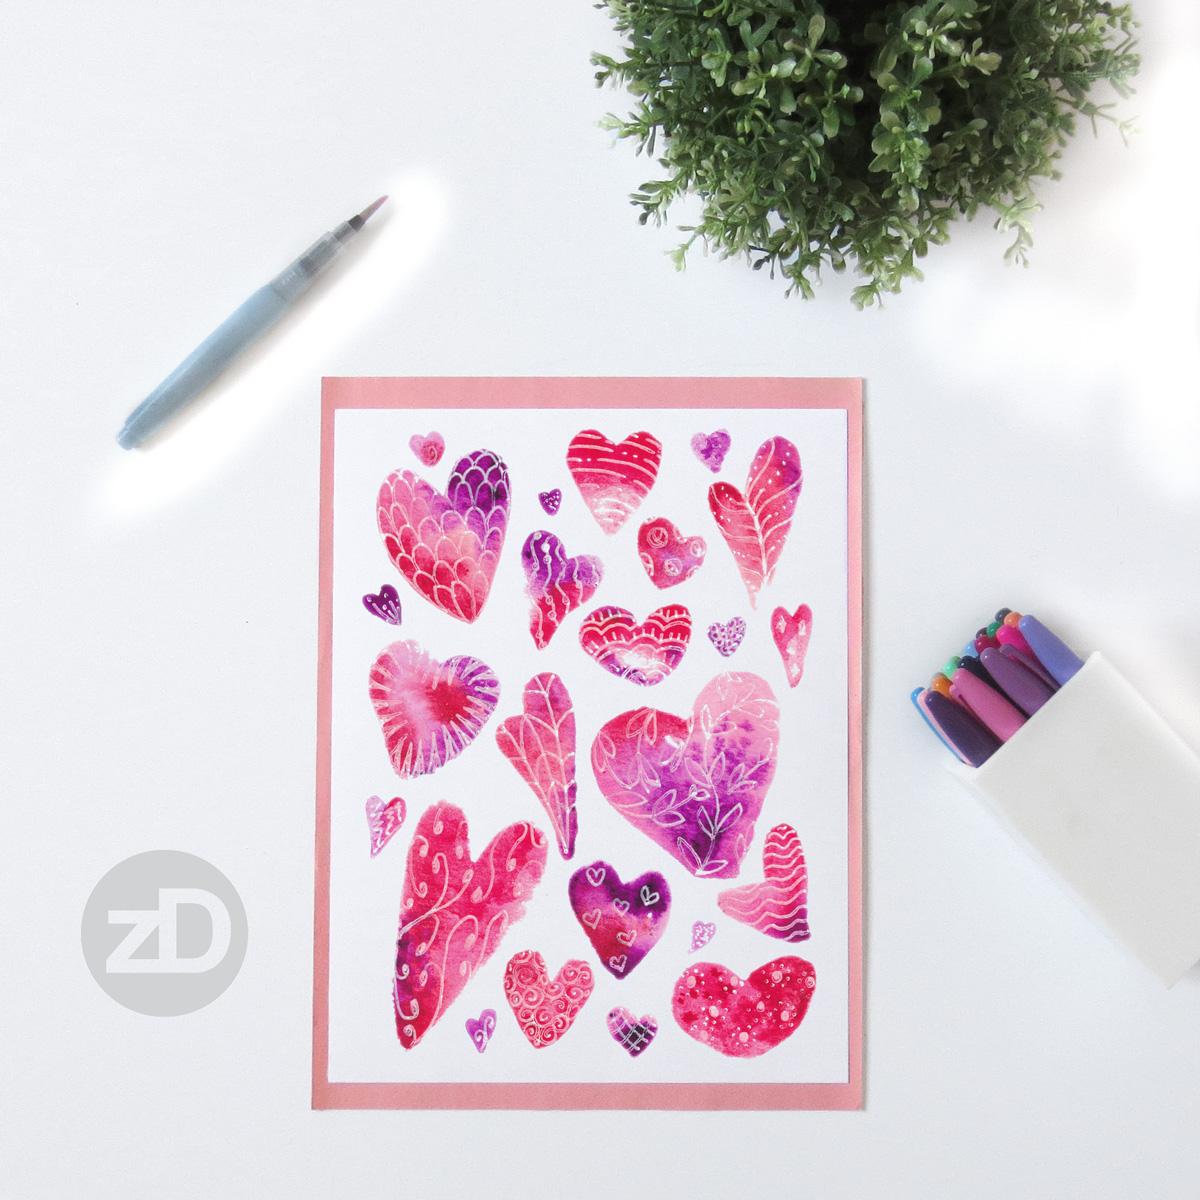 Zirkus Design   Watercolor Hearts Valentines Day Painting